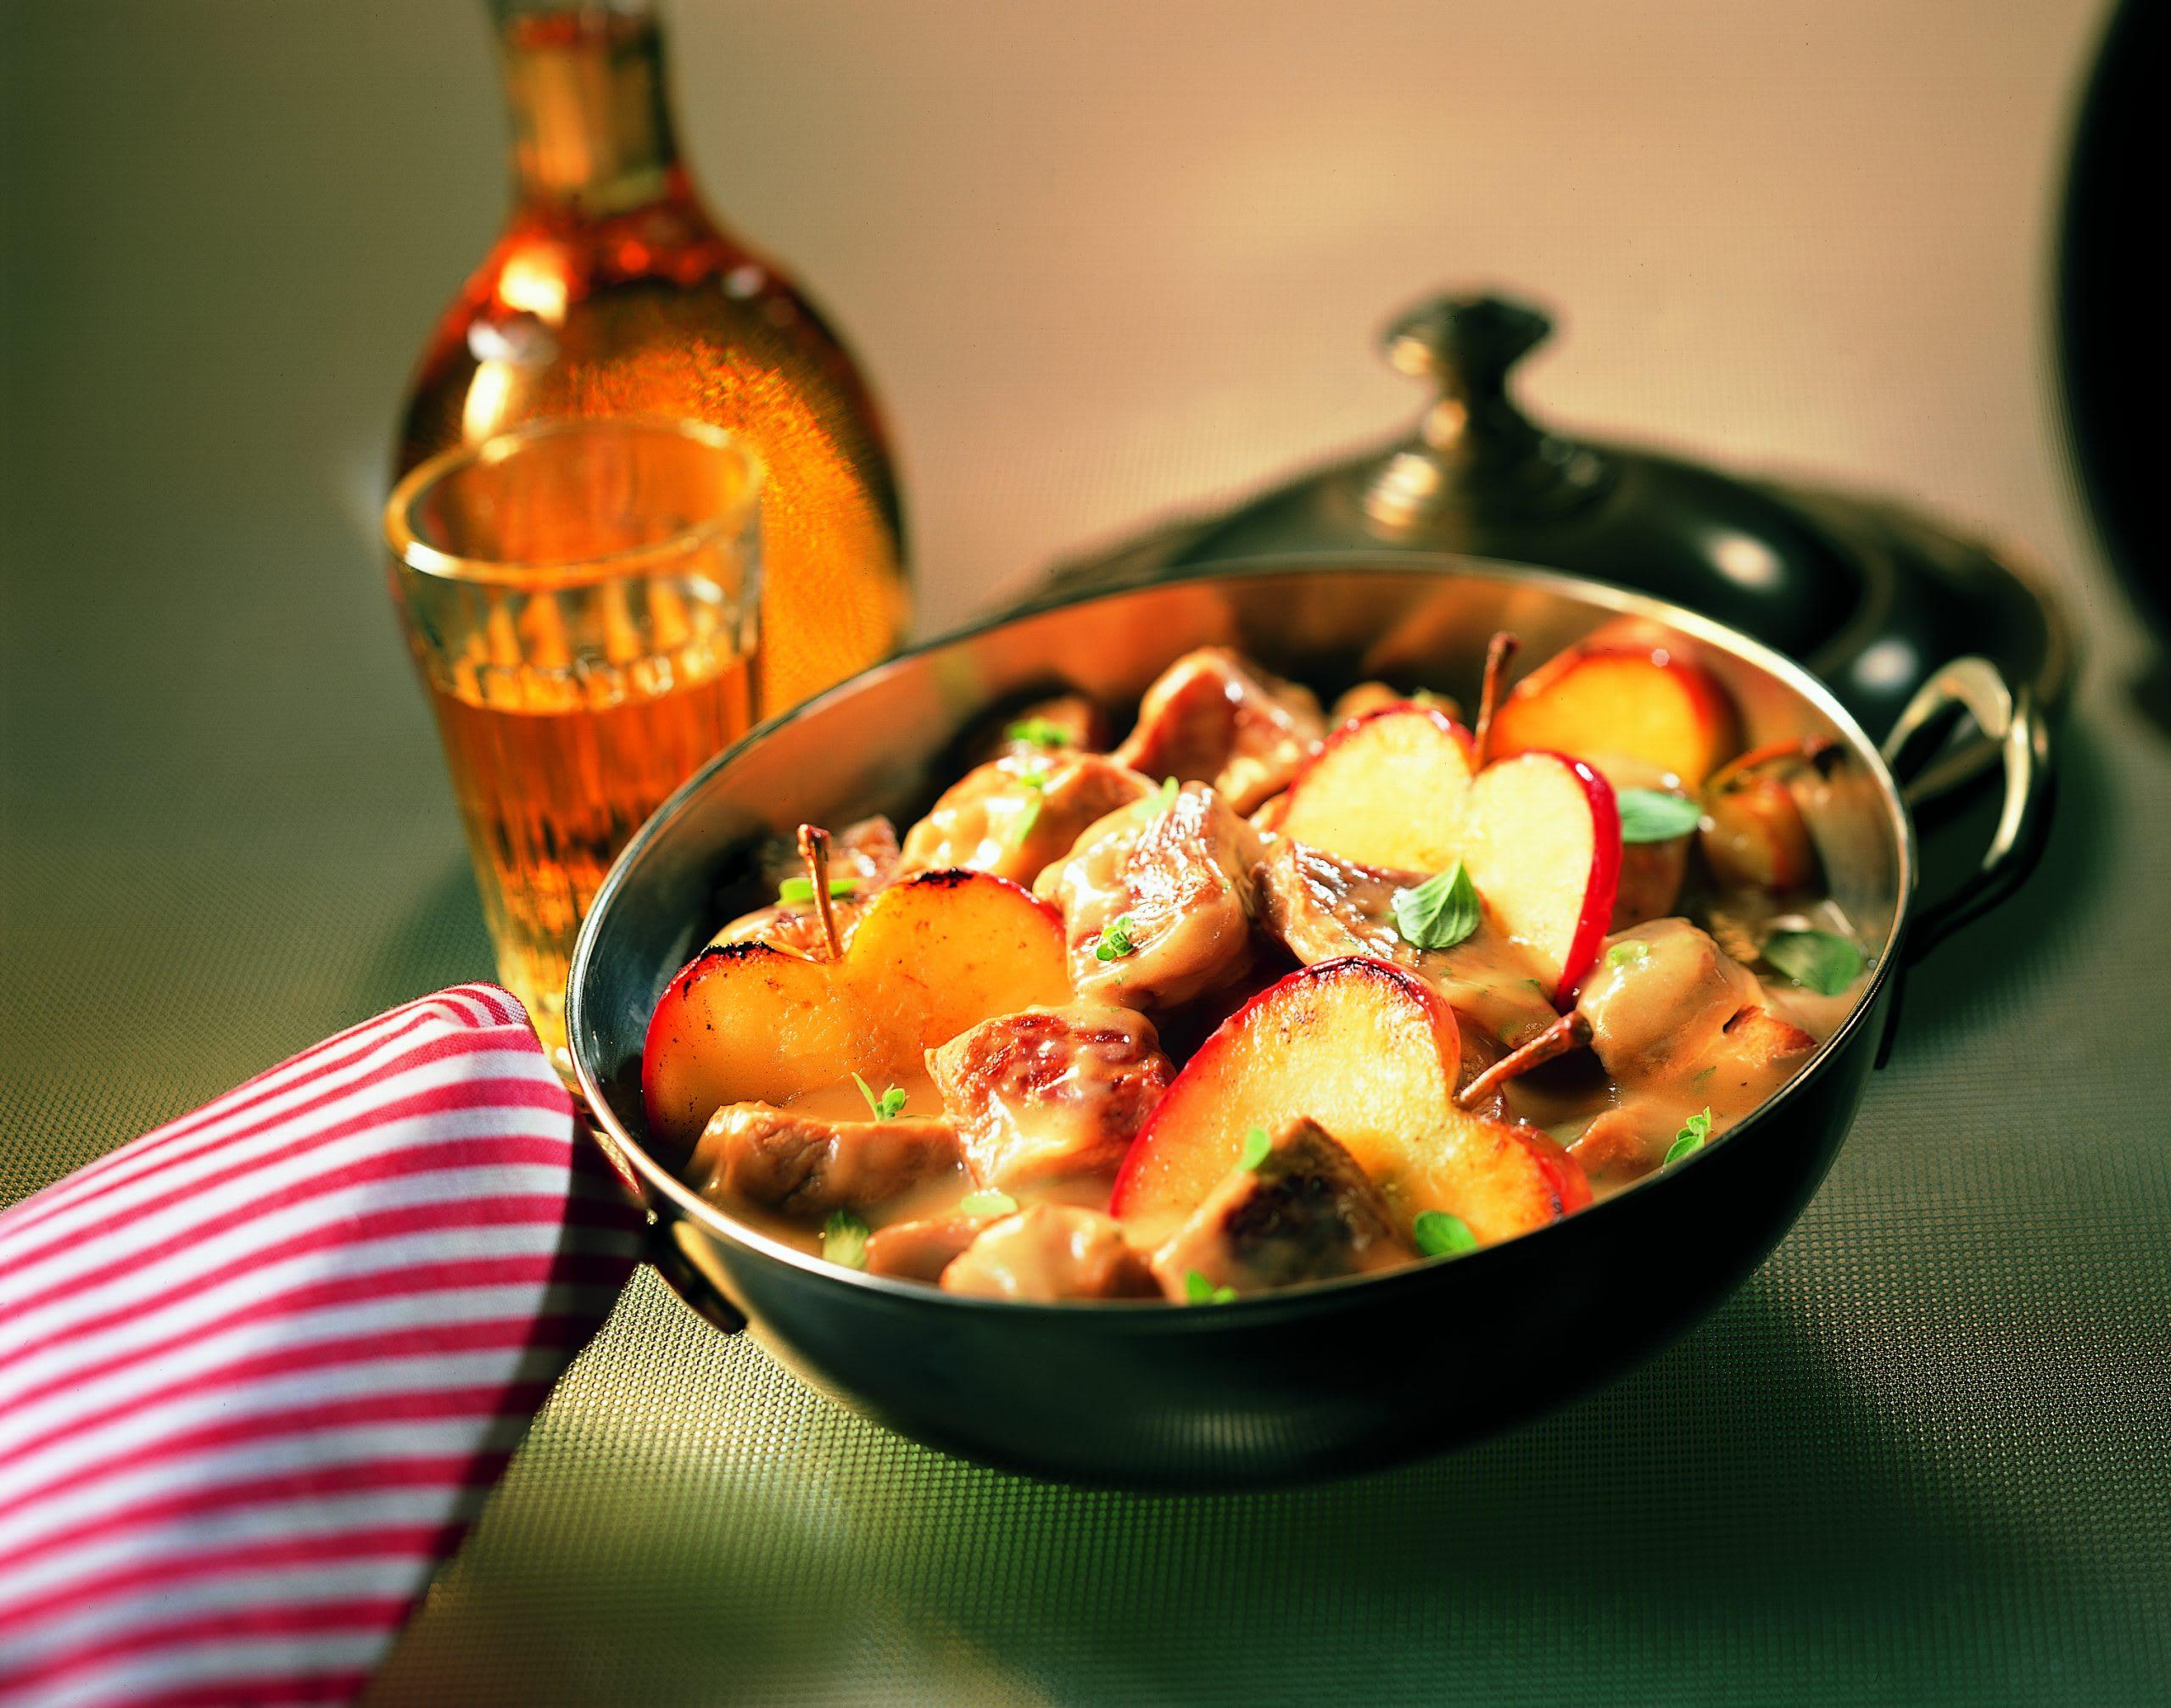 Ragoût de porc à la pomme